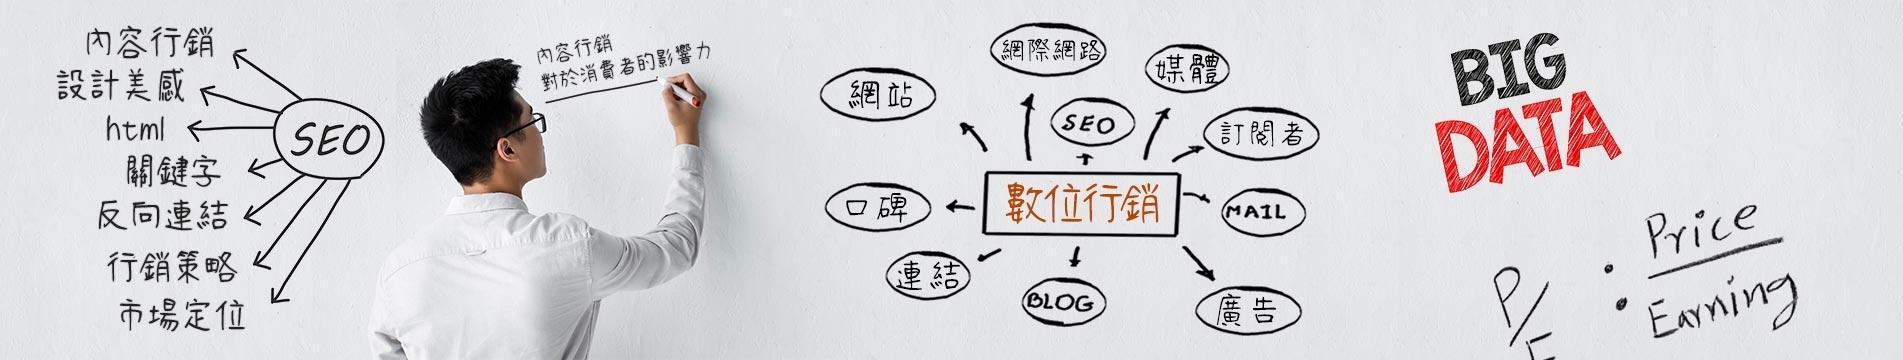 網站_內_banner.jpg